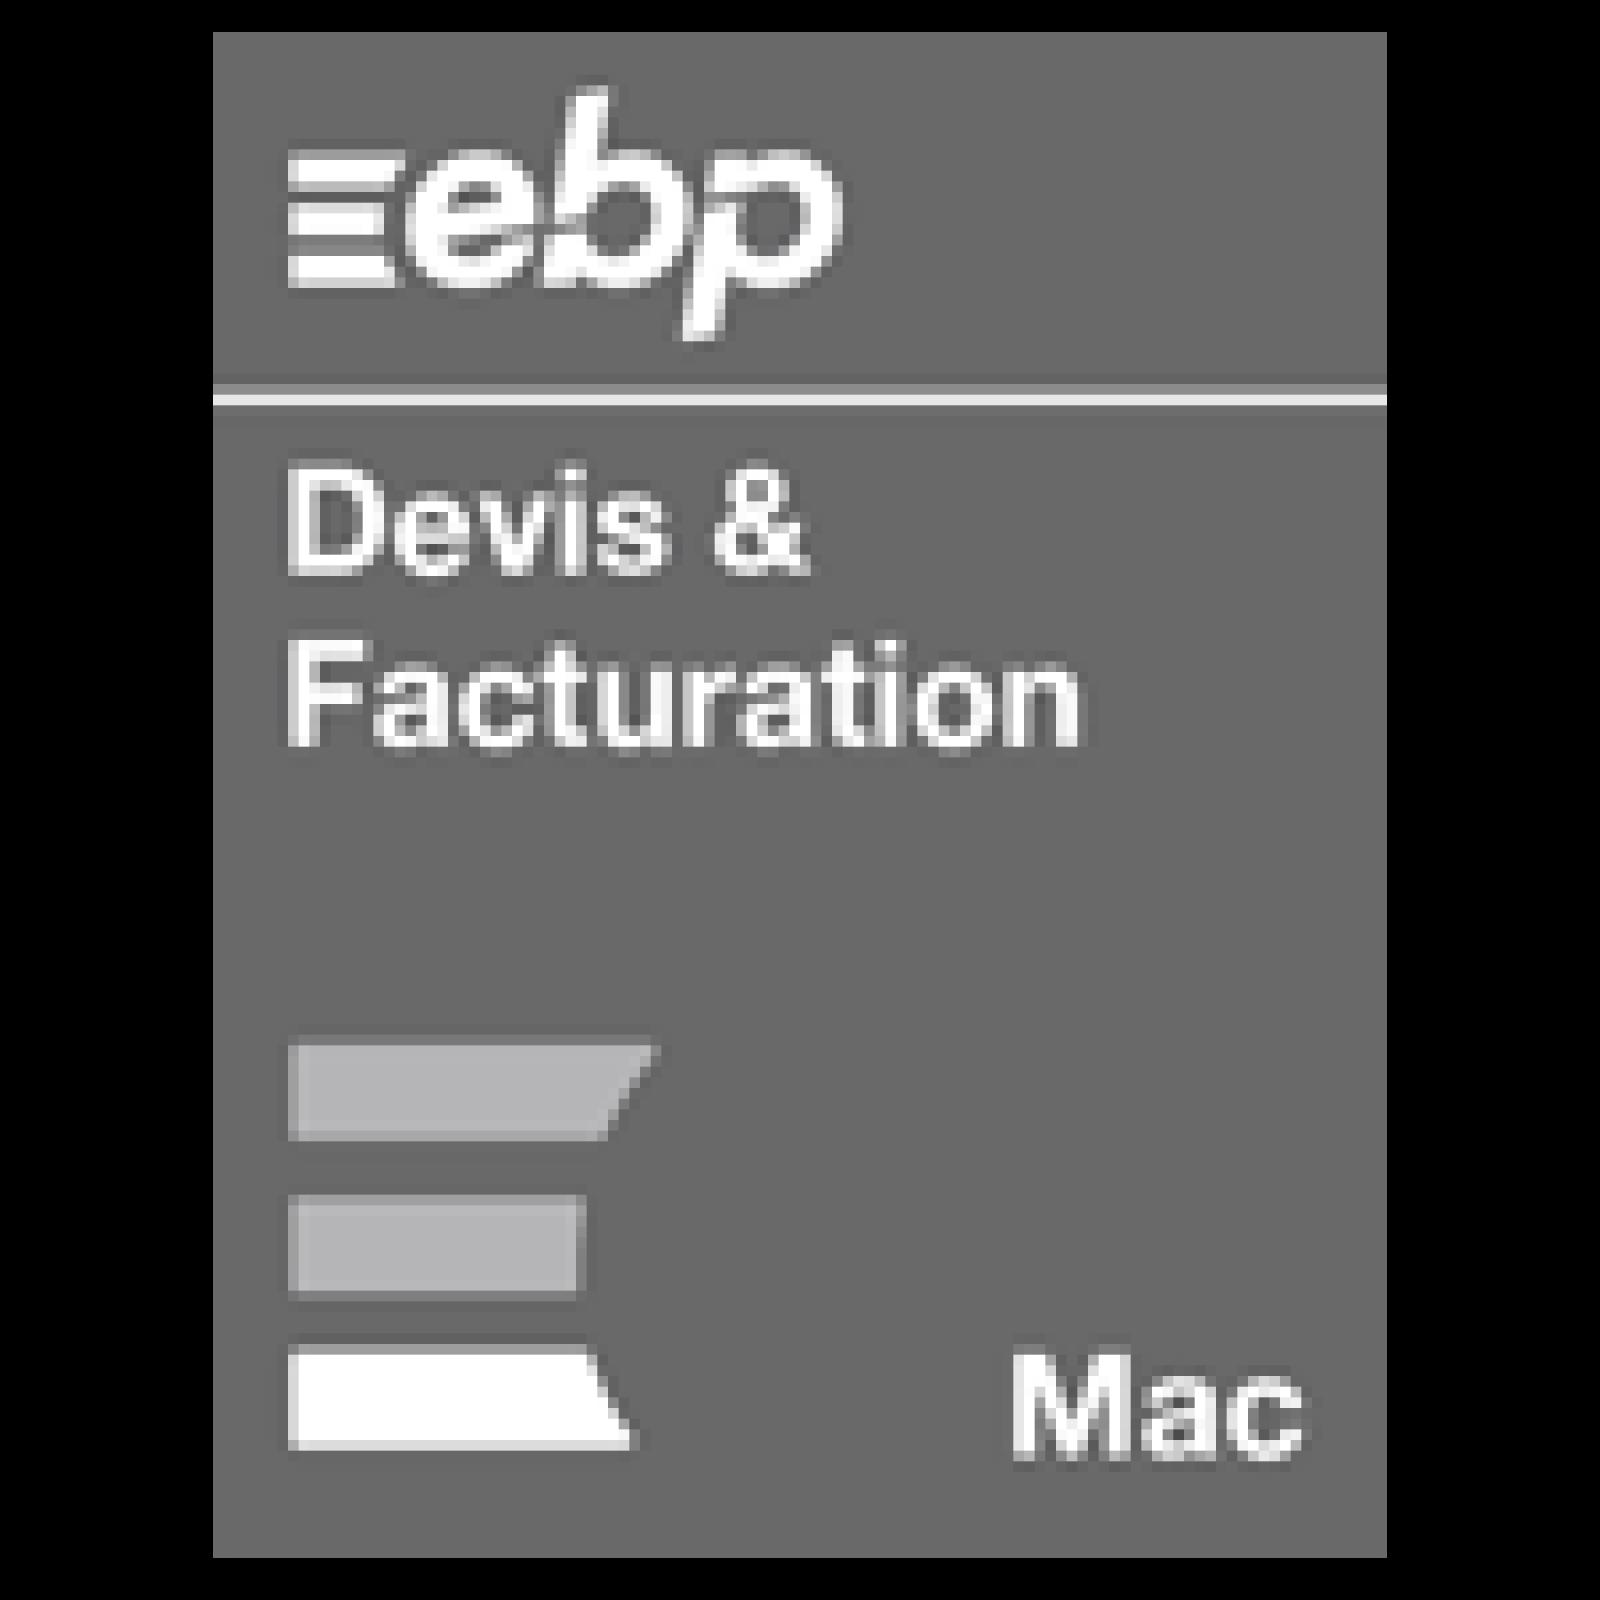 ebp-devis-facturation-mac-2019